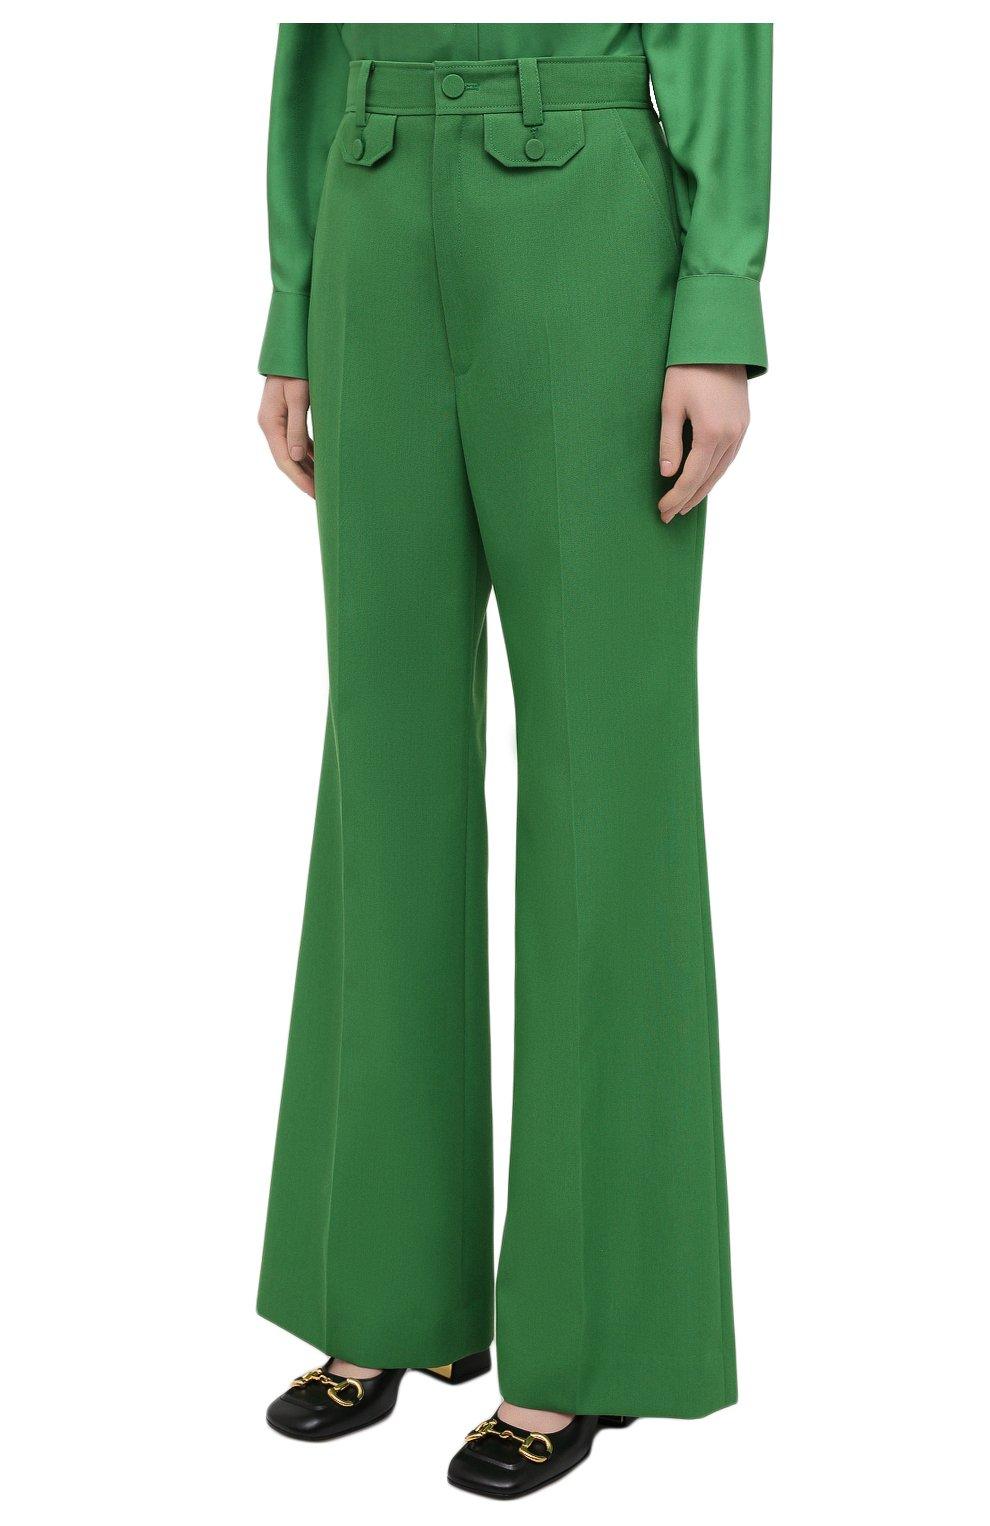 Женские брюки GUCCI зеленого цвета, арт. 643346/ZAFU9   Фото 3 (Материал внешний: Шерсть, Синтетический материал; Длина (брюки, джинсы): Стандартные; Женское Кросс-КТ: Брюки-одежда; Силуэт Ж (брюки и джинсы): Расклешенные; Стили: Романтичный)